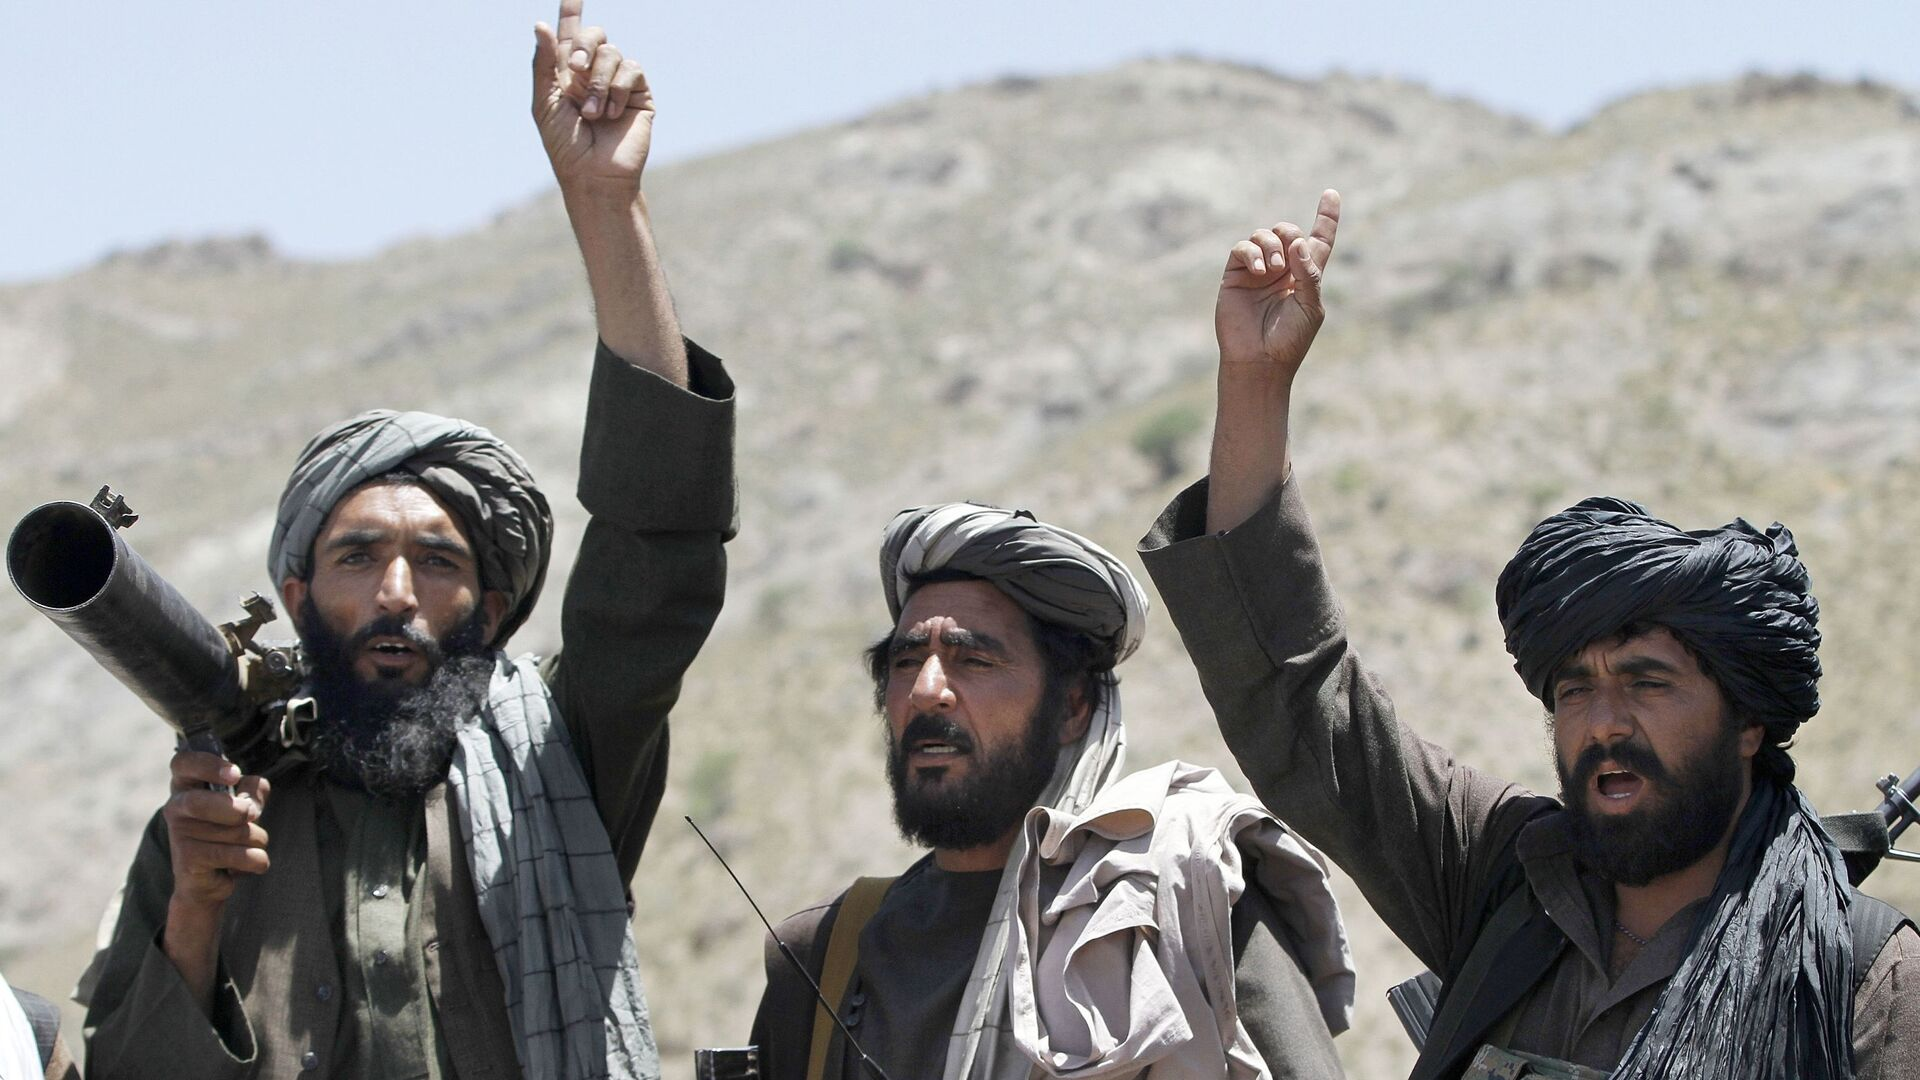 Боевики движения Талибан, архивное фото - Sputnik Таджикистан, 1920, 16.08.2021